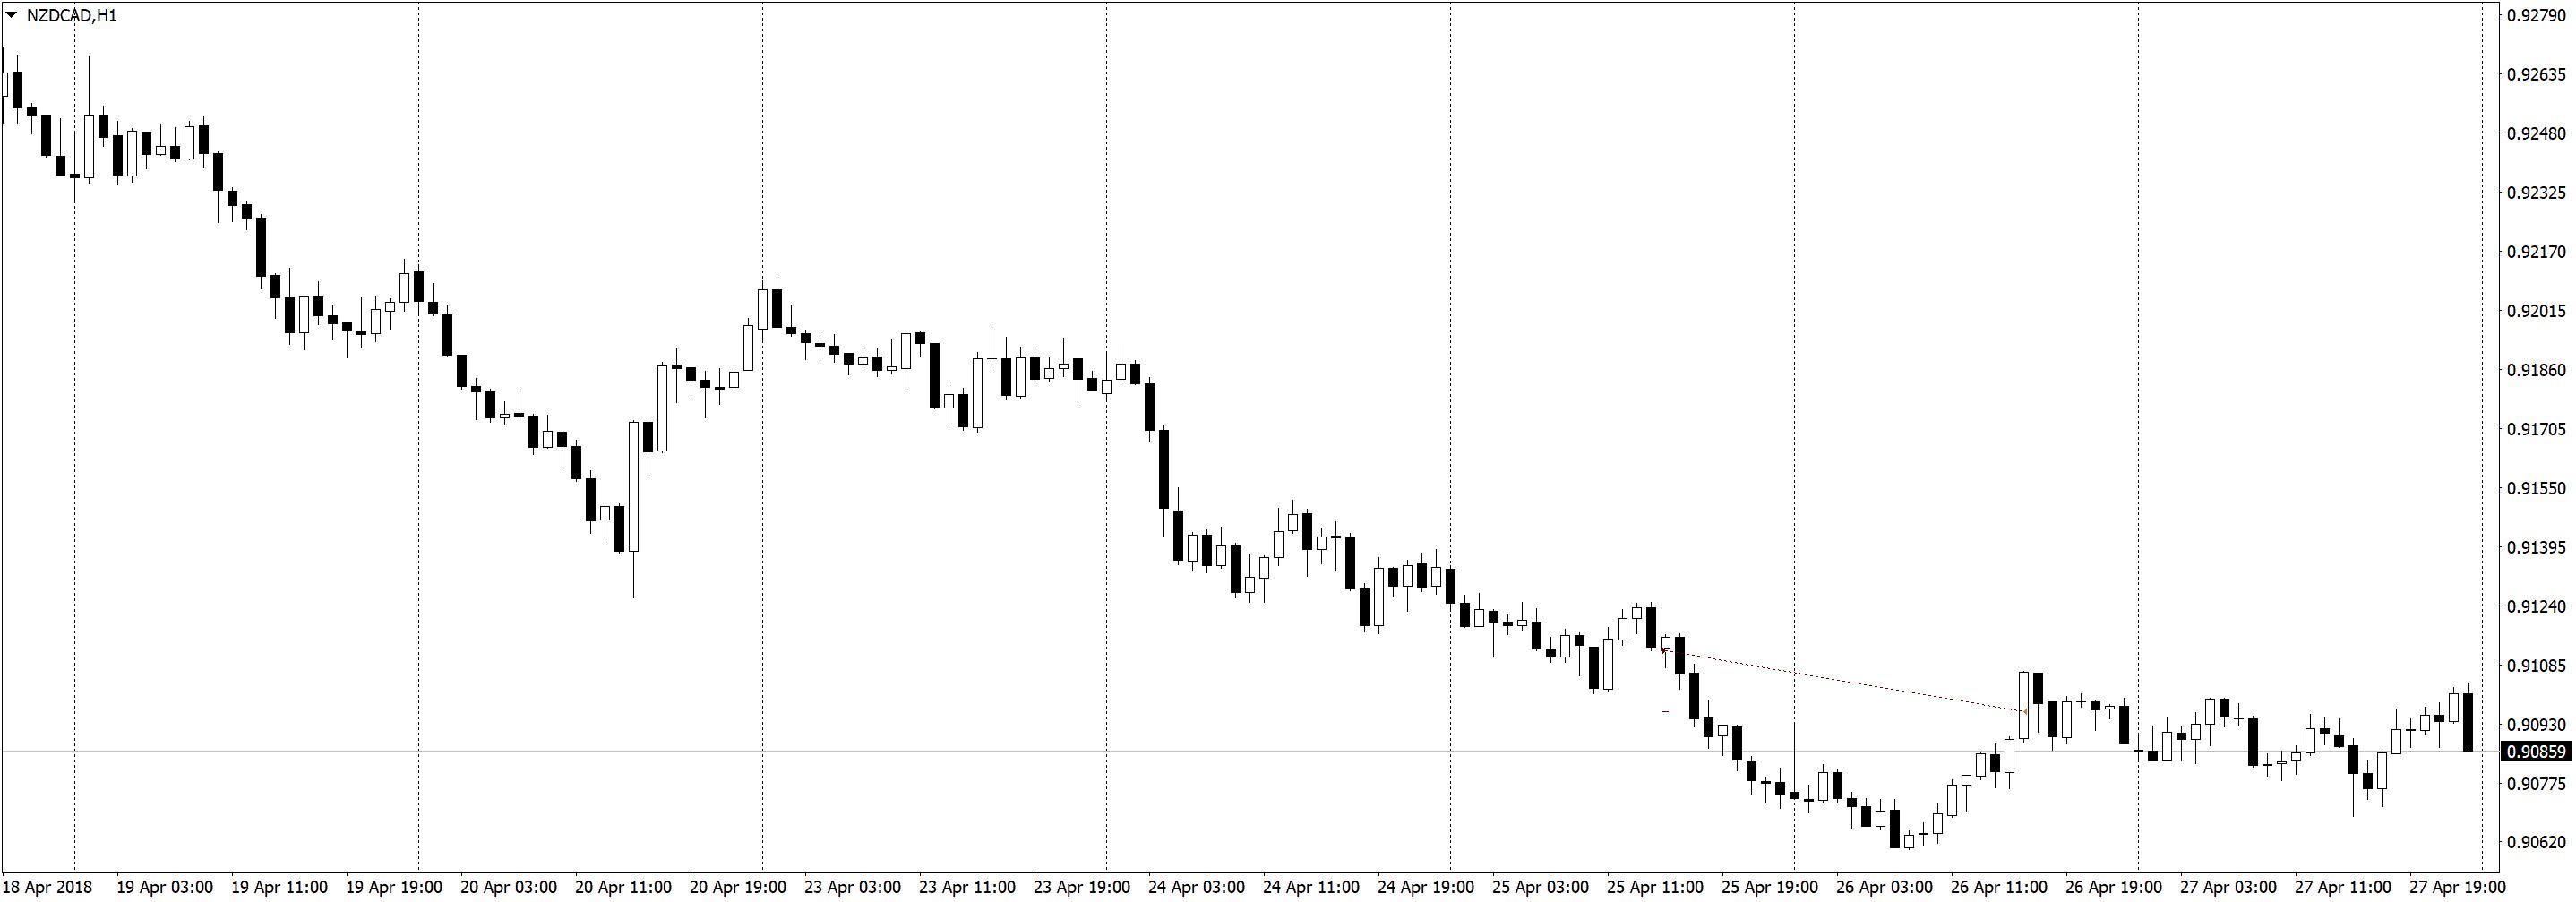 NZDCADH1 Трейдинг по часовым графикам, немного сделок, спокойная торговля